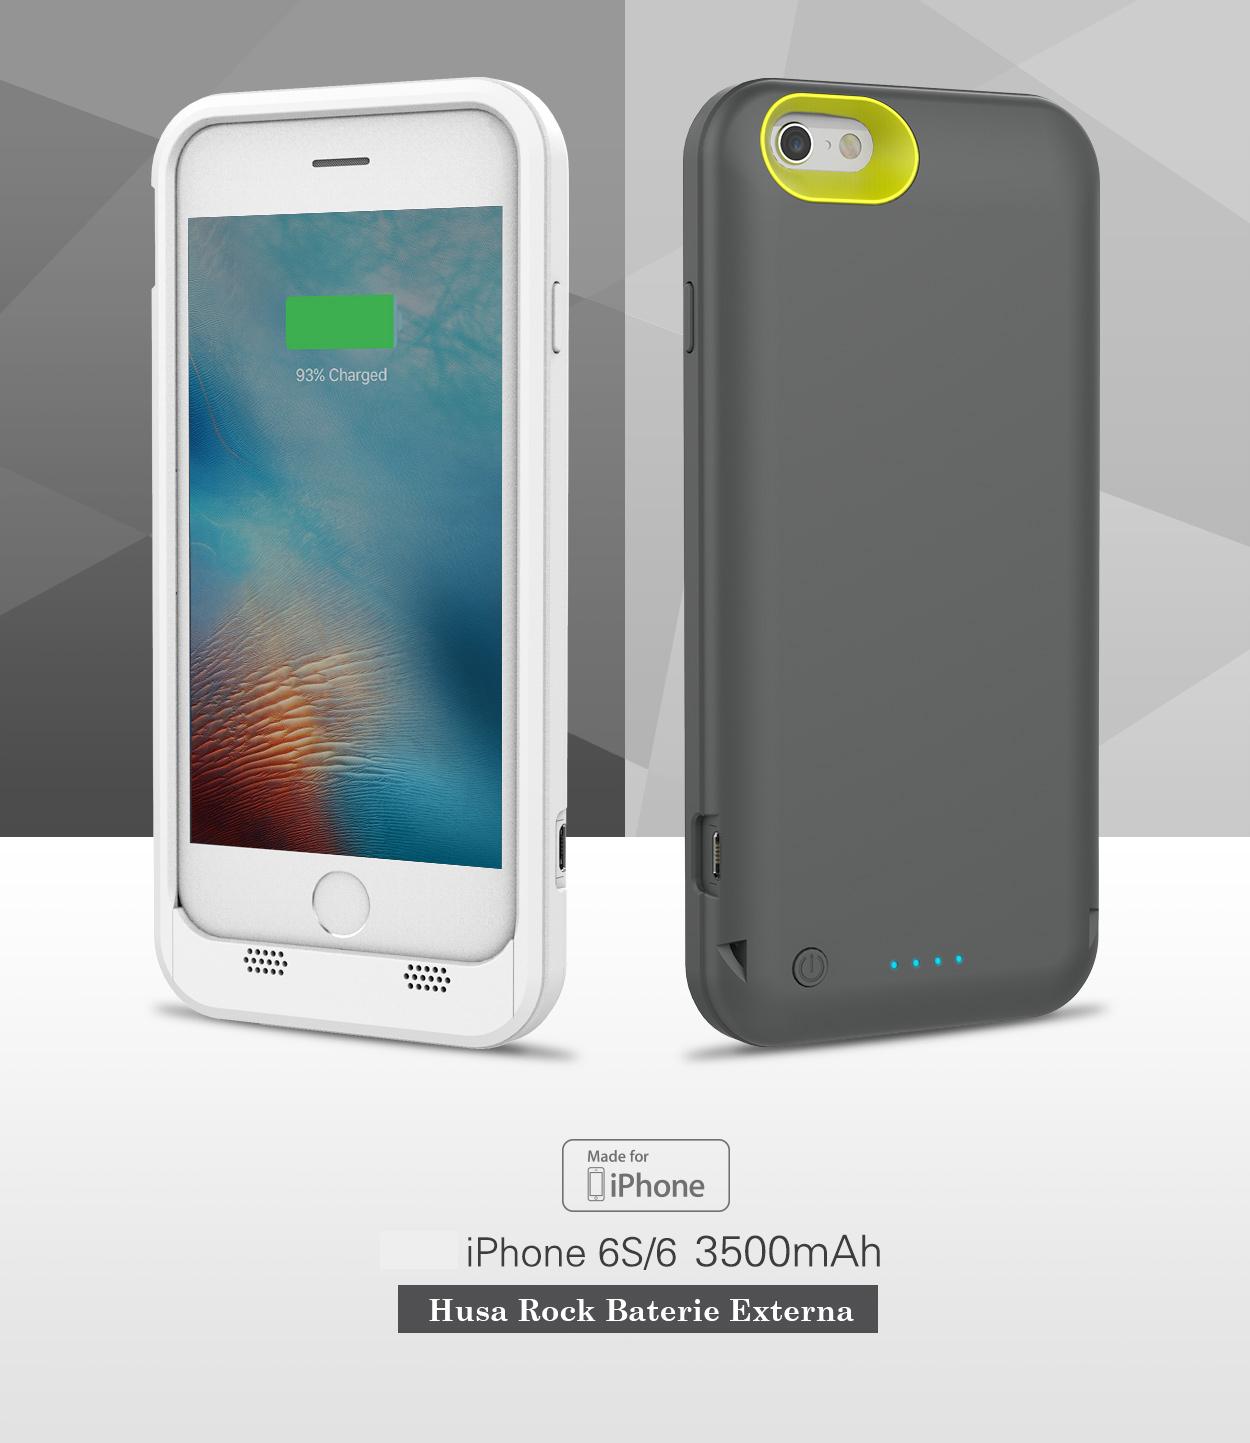 husa-rock-baterie-externa-iphone-6-6s